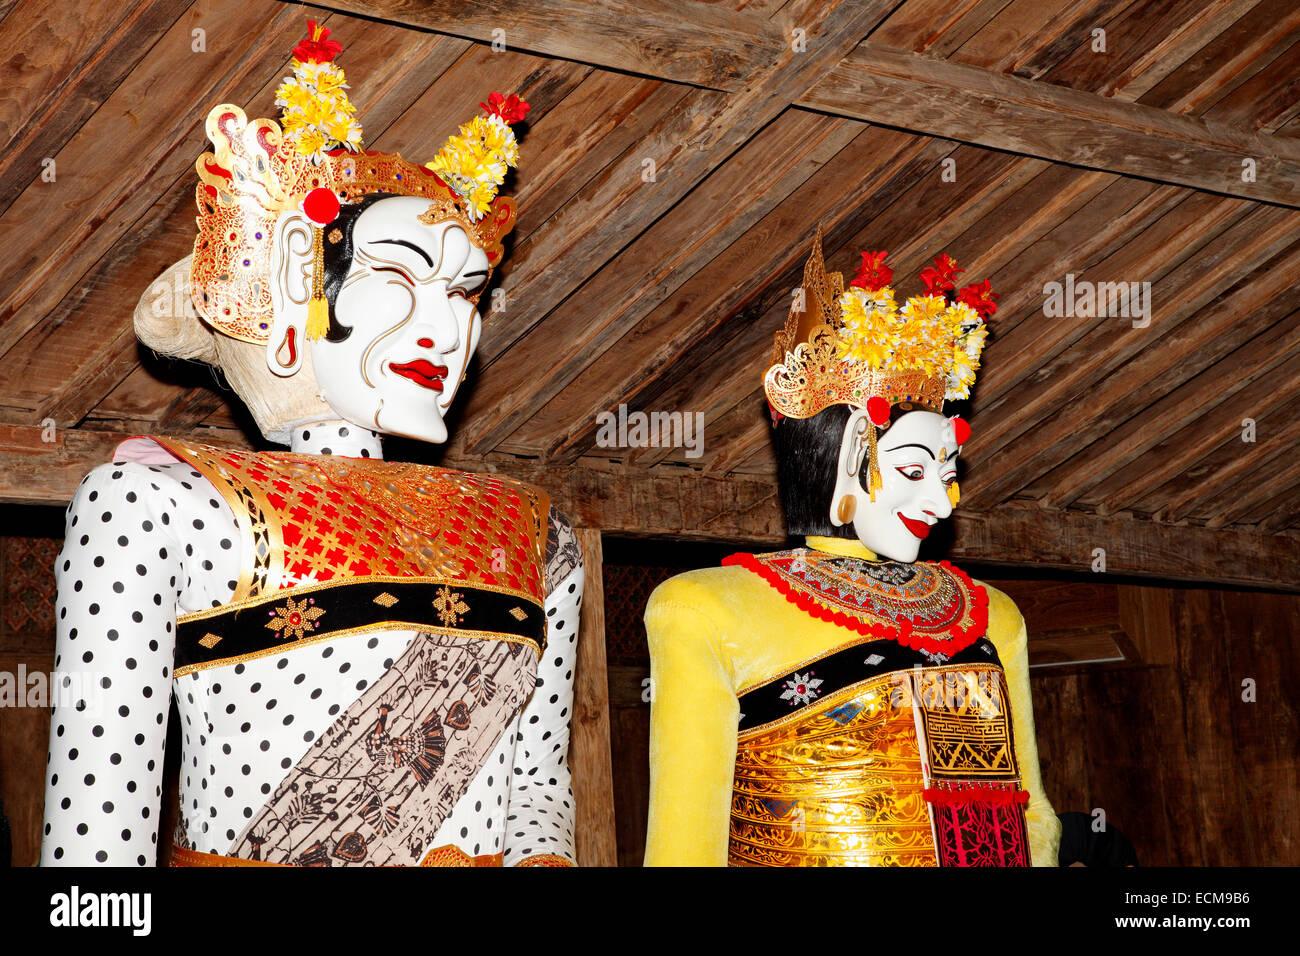 Balinese Masks. Setia Darma House of Masks and Puppets, Mas, Ubud, Bali, Indonesia - Stock Image